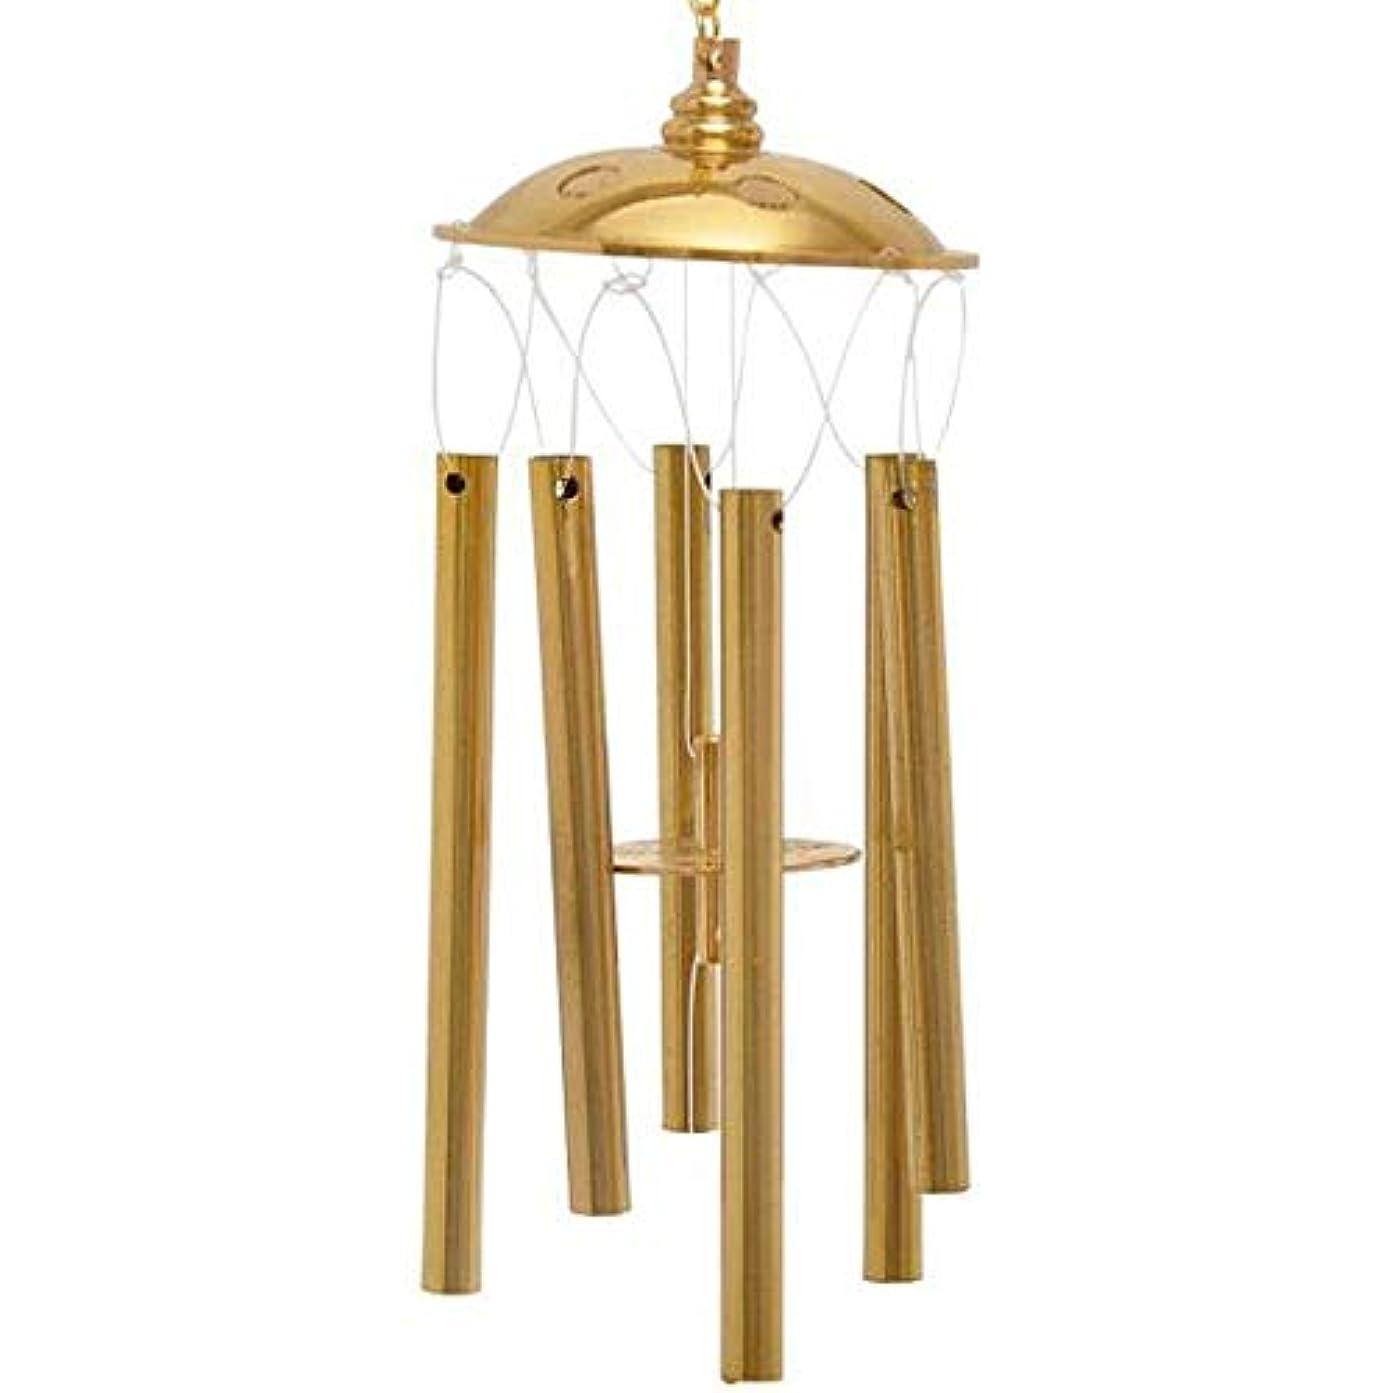 セントサイト滅多Yougou01 風チャイム、真鍮ホームデコレーション6チューブ風の鐘、ゴールド、全長約22CM 、創造的な装飾 (Size : 22cm)